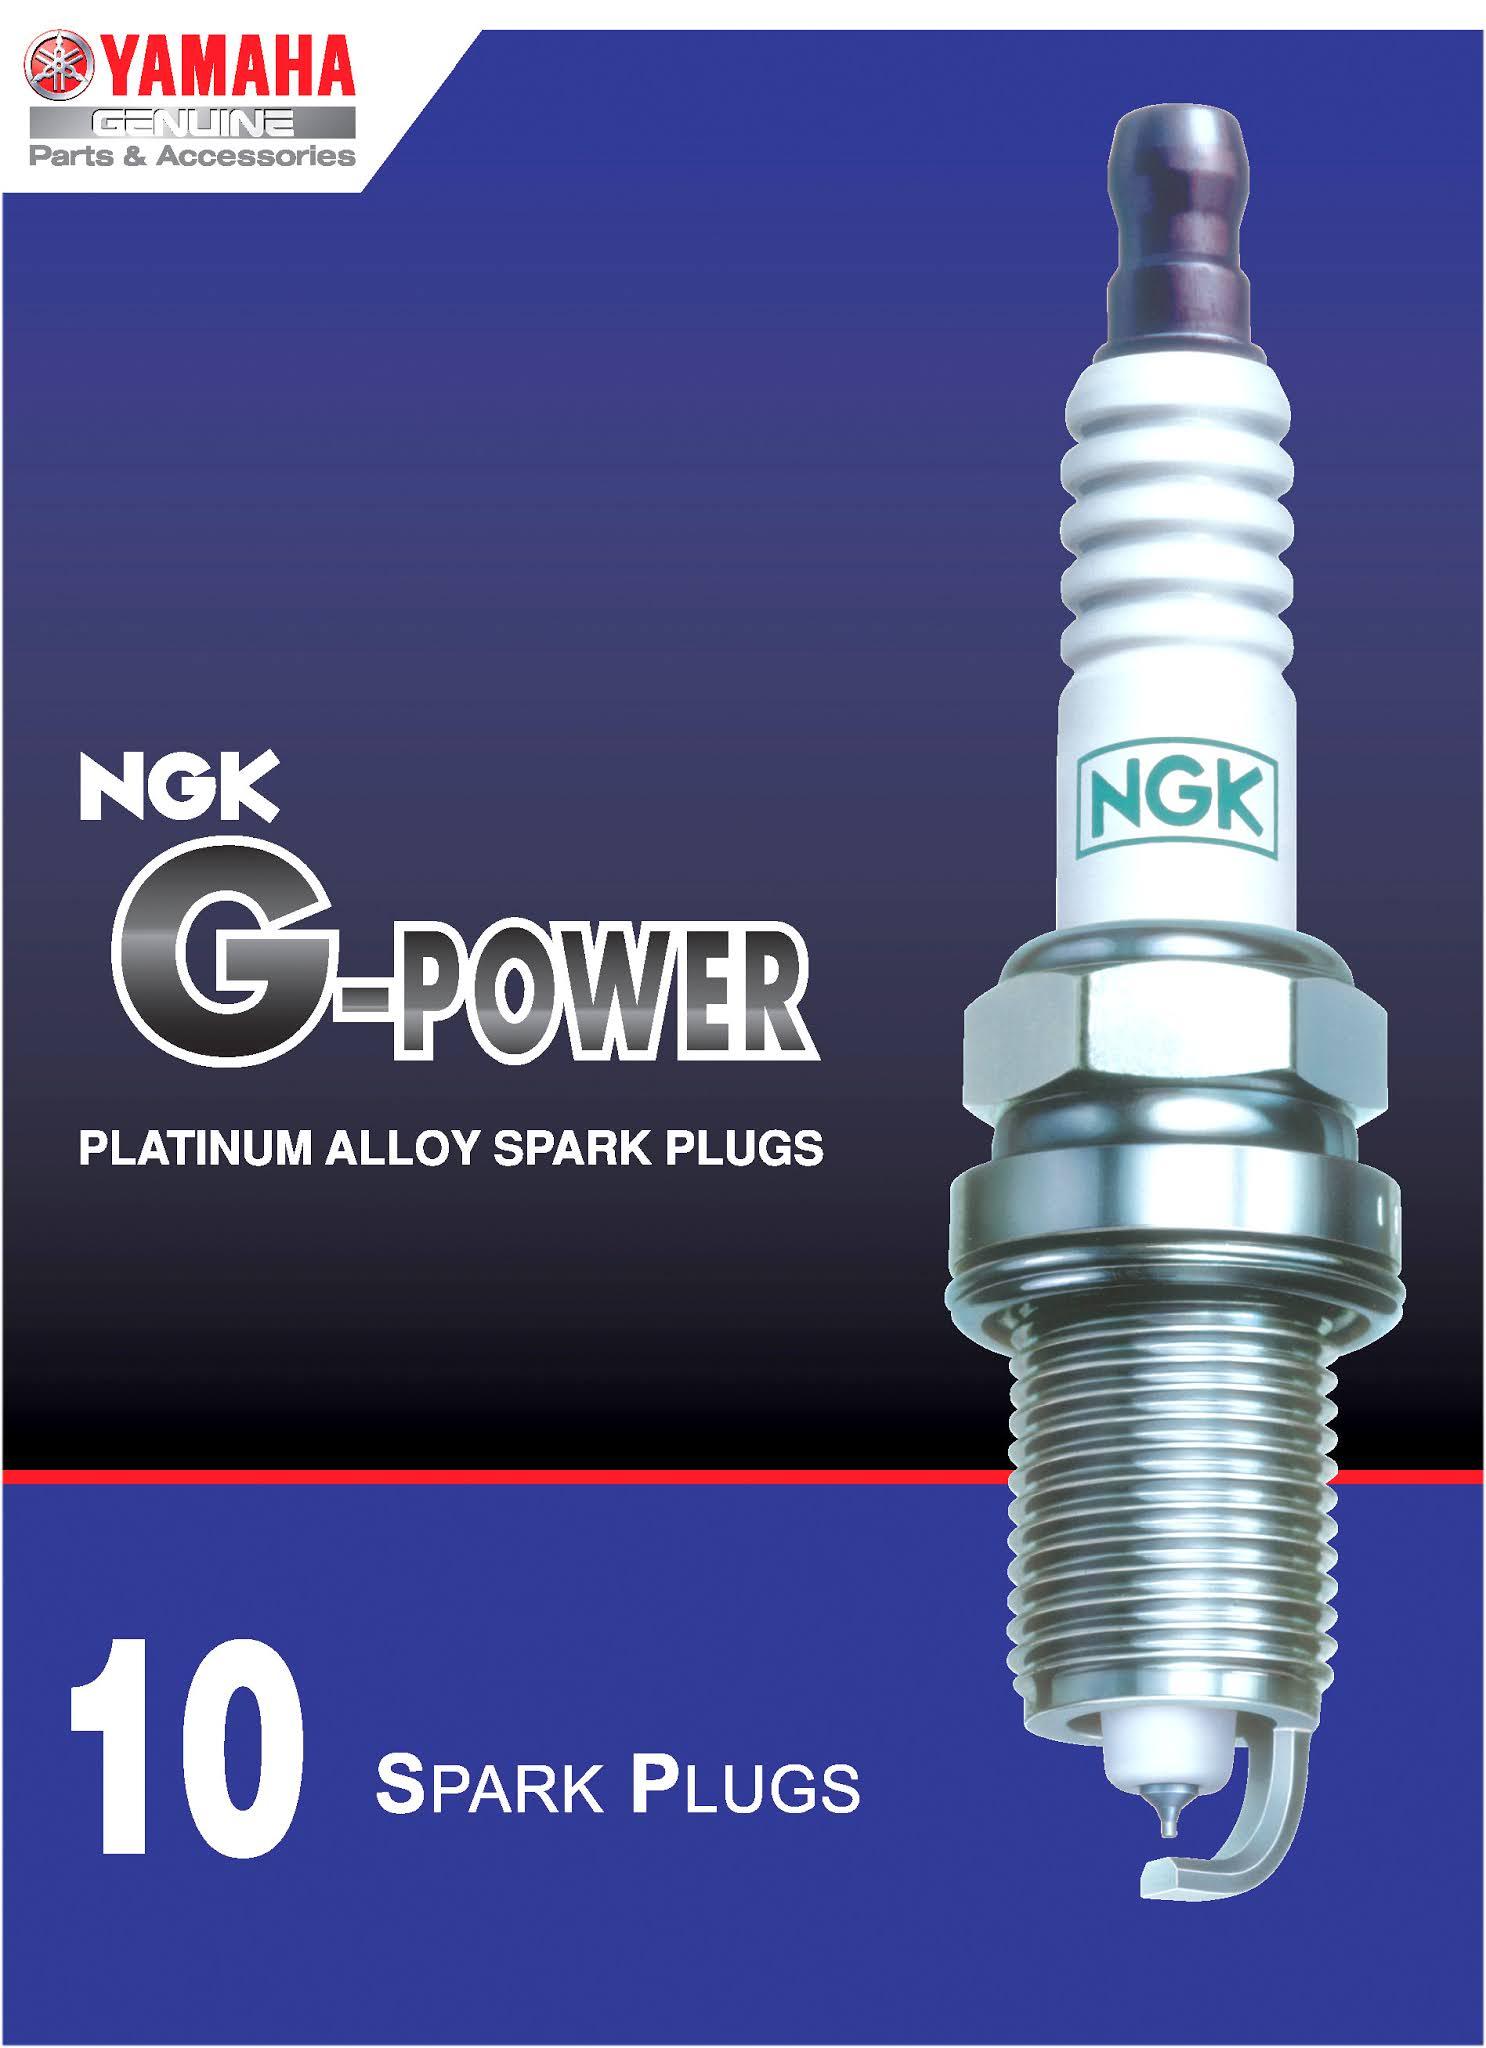 NGK hadirkan busi NGK G-Power berbahan Platinum Alloy, performa terbaik dengan harga ramah di kantong - Sobatmotor.com